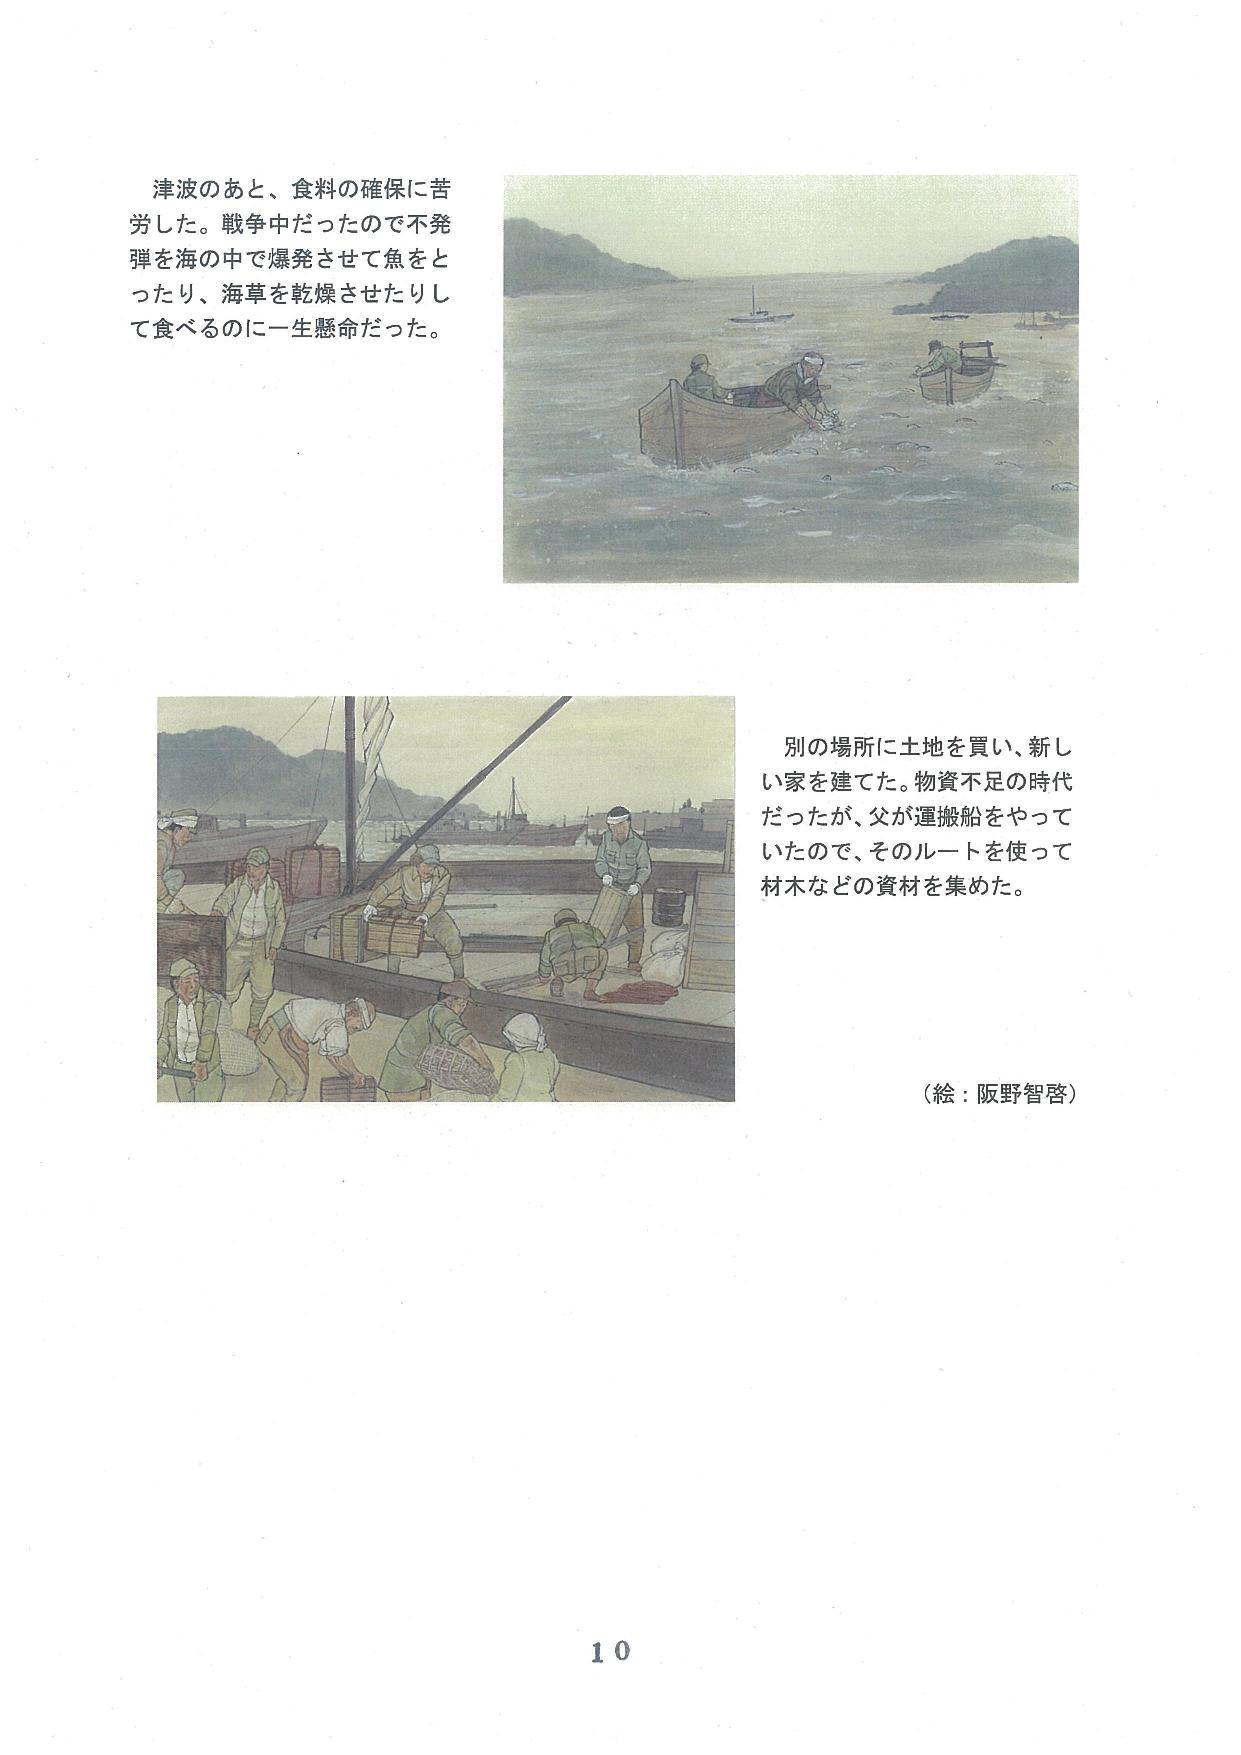 20171208-02_ページ_10